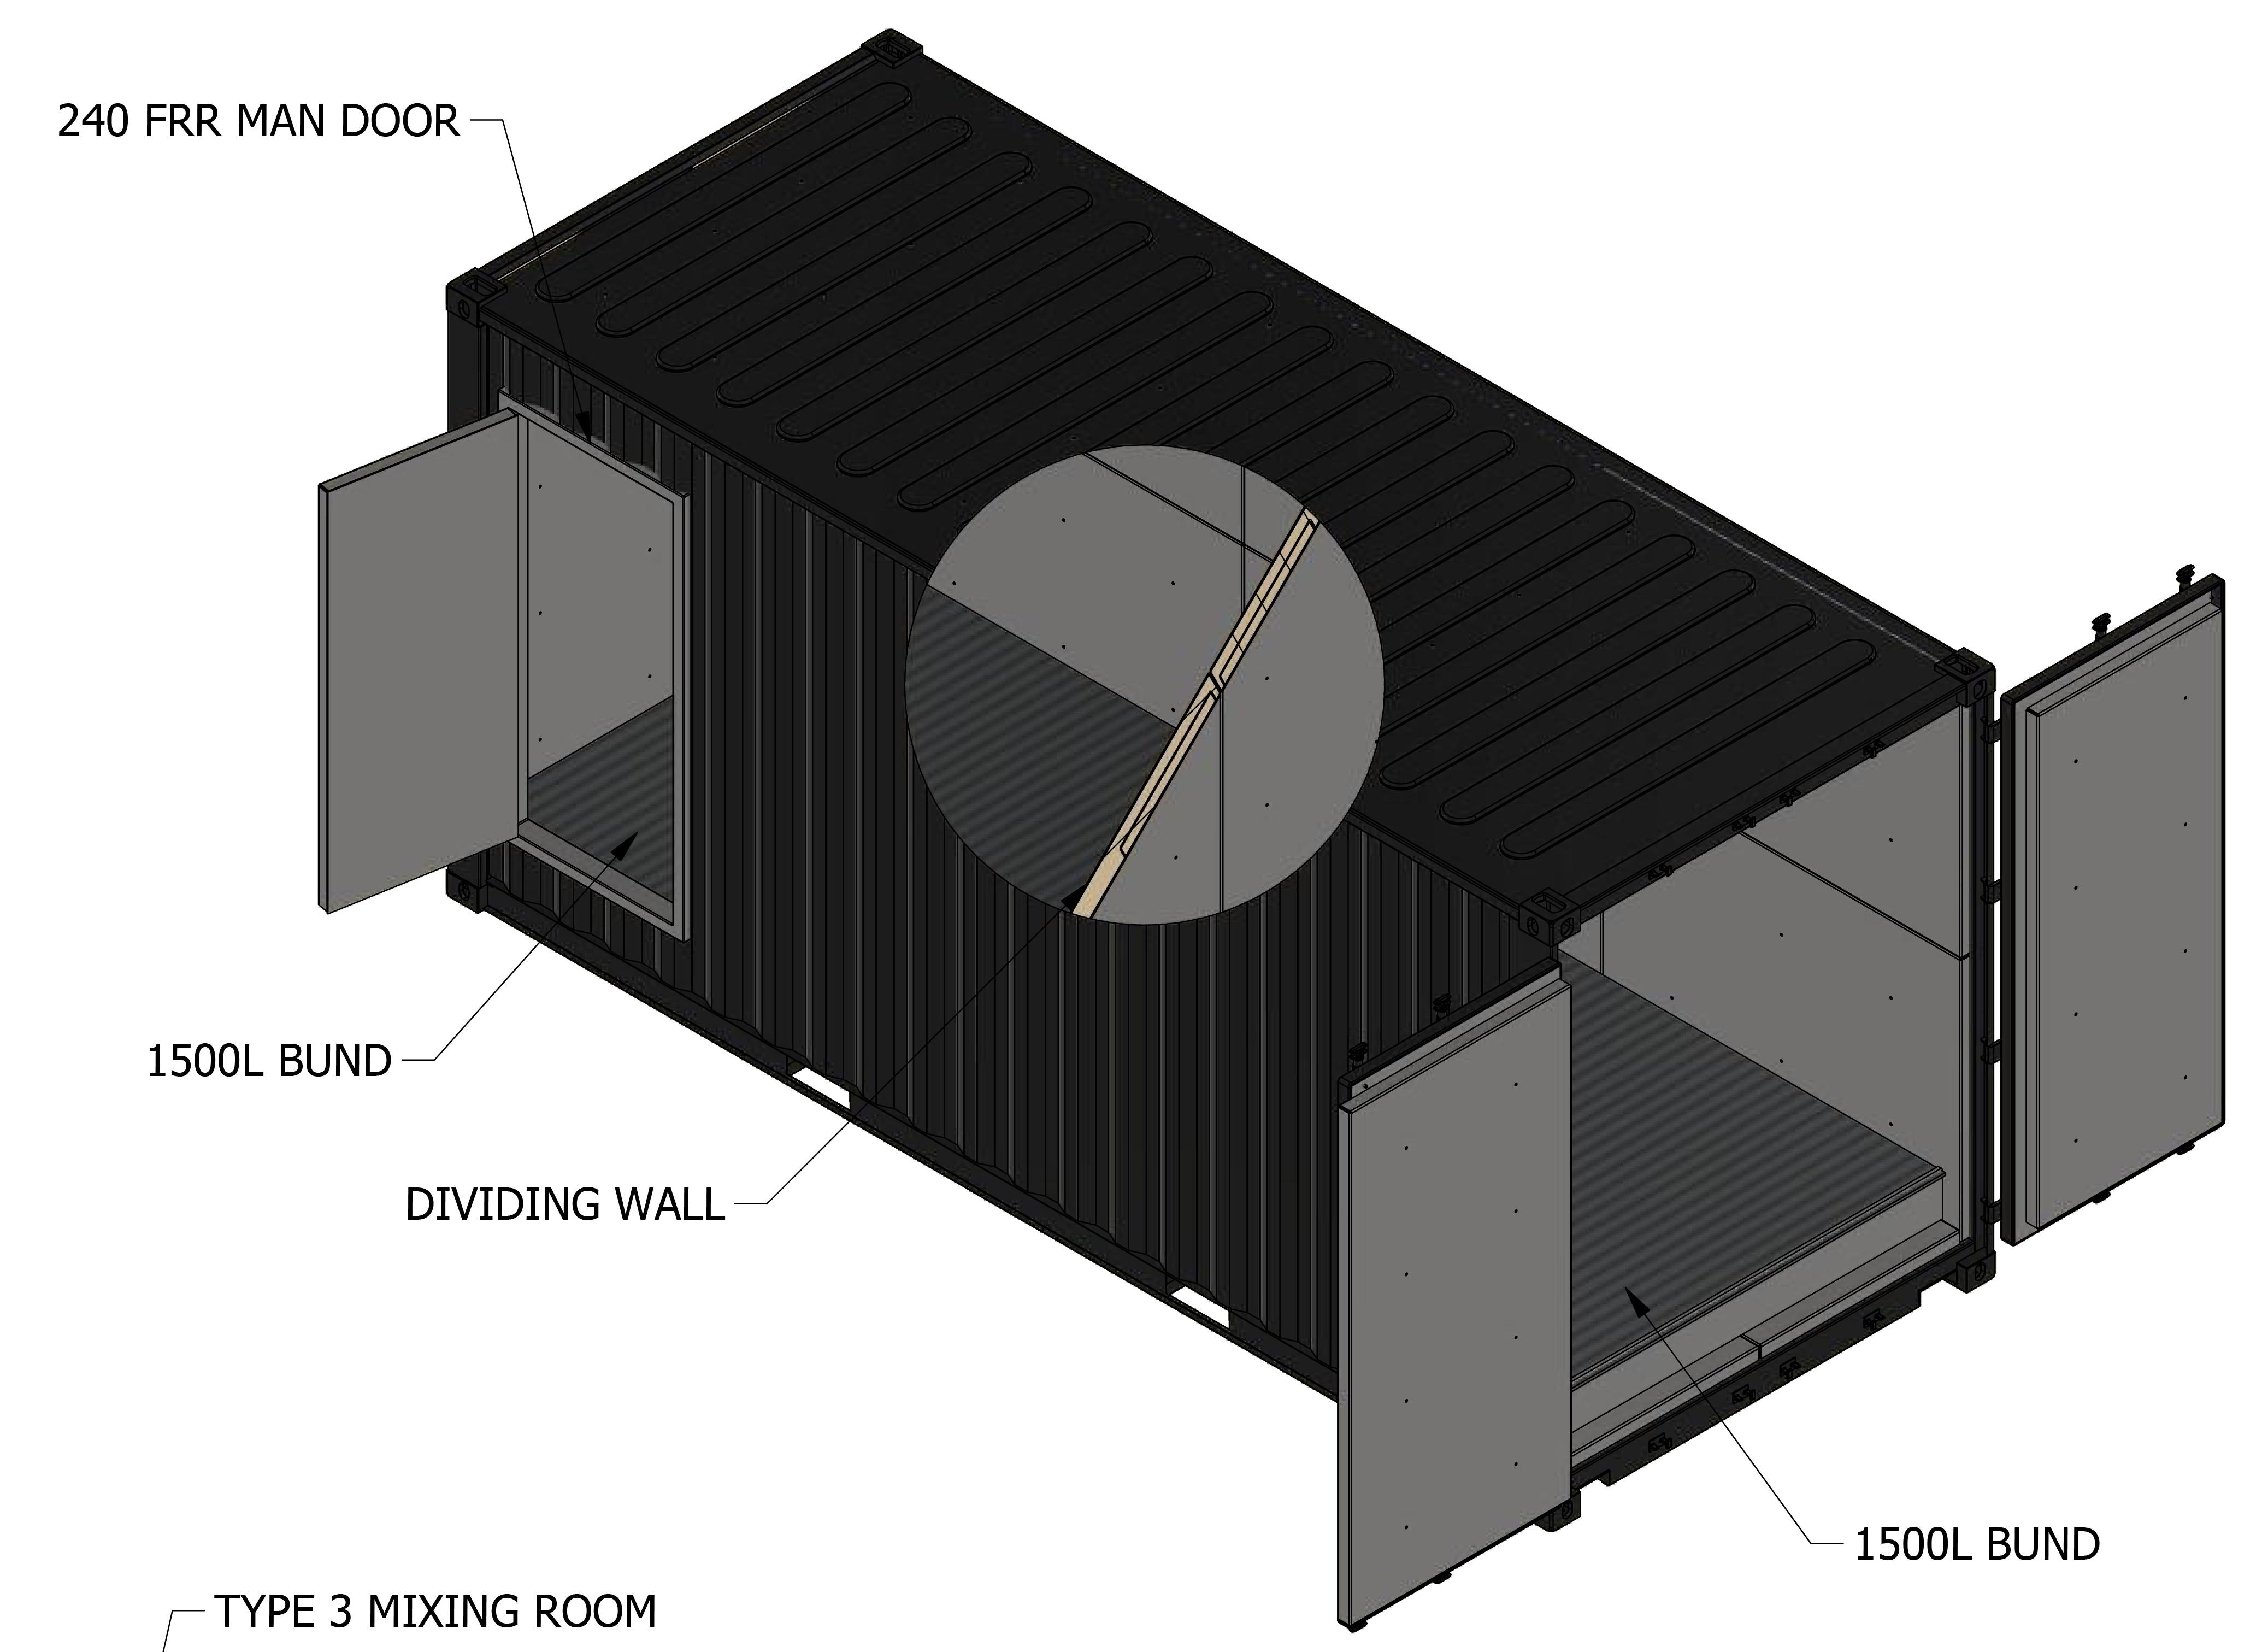 DG6M VAULT-MIXING ROOM